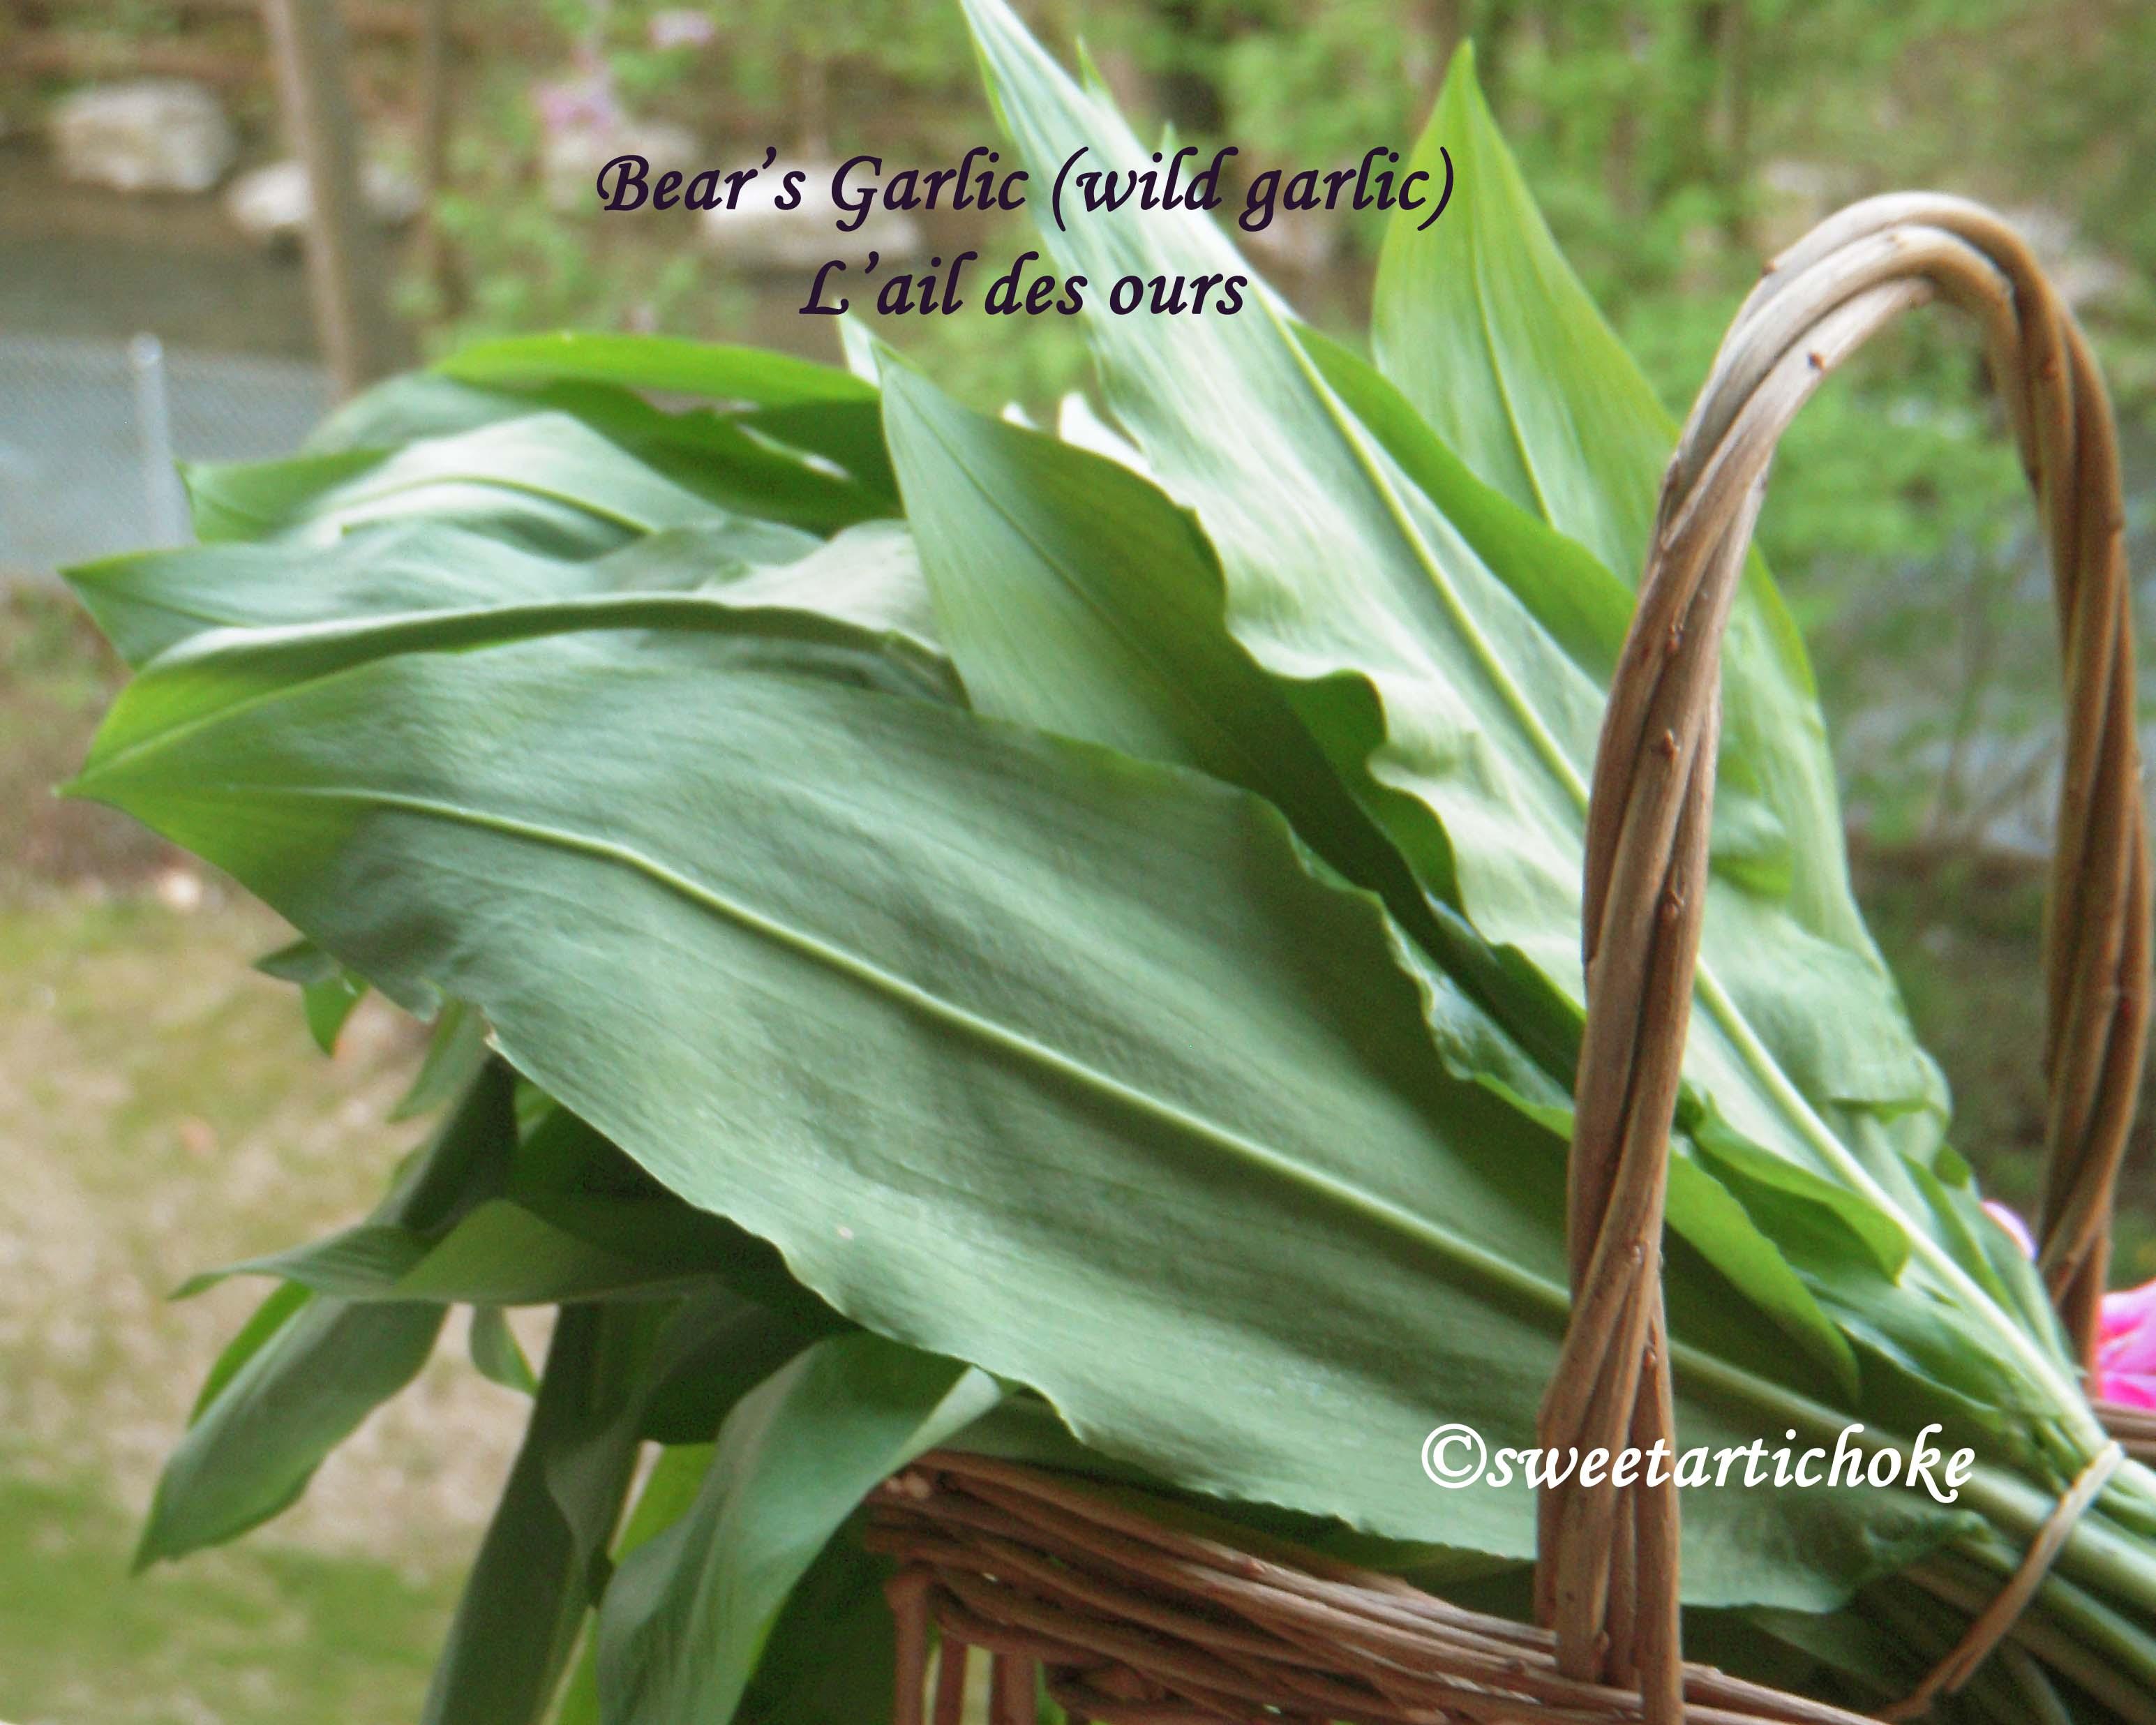 Dal with bear s garlic dal l ail des ours lentilles - L ail des ours ...